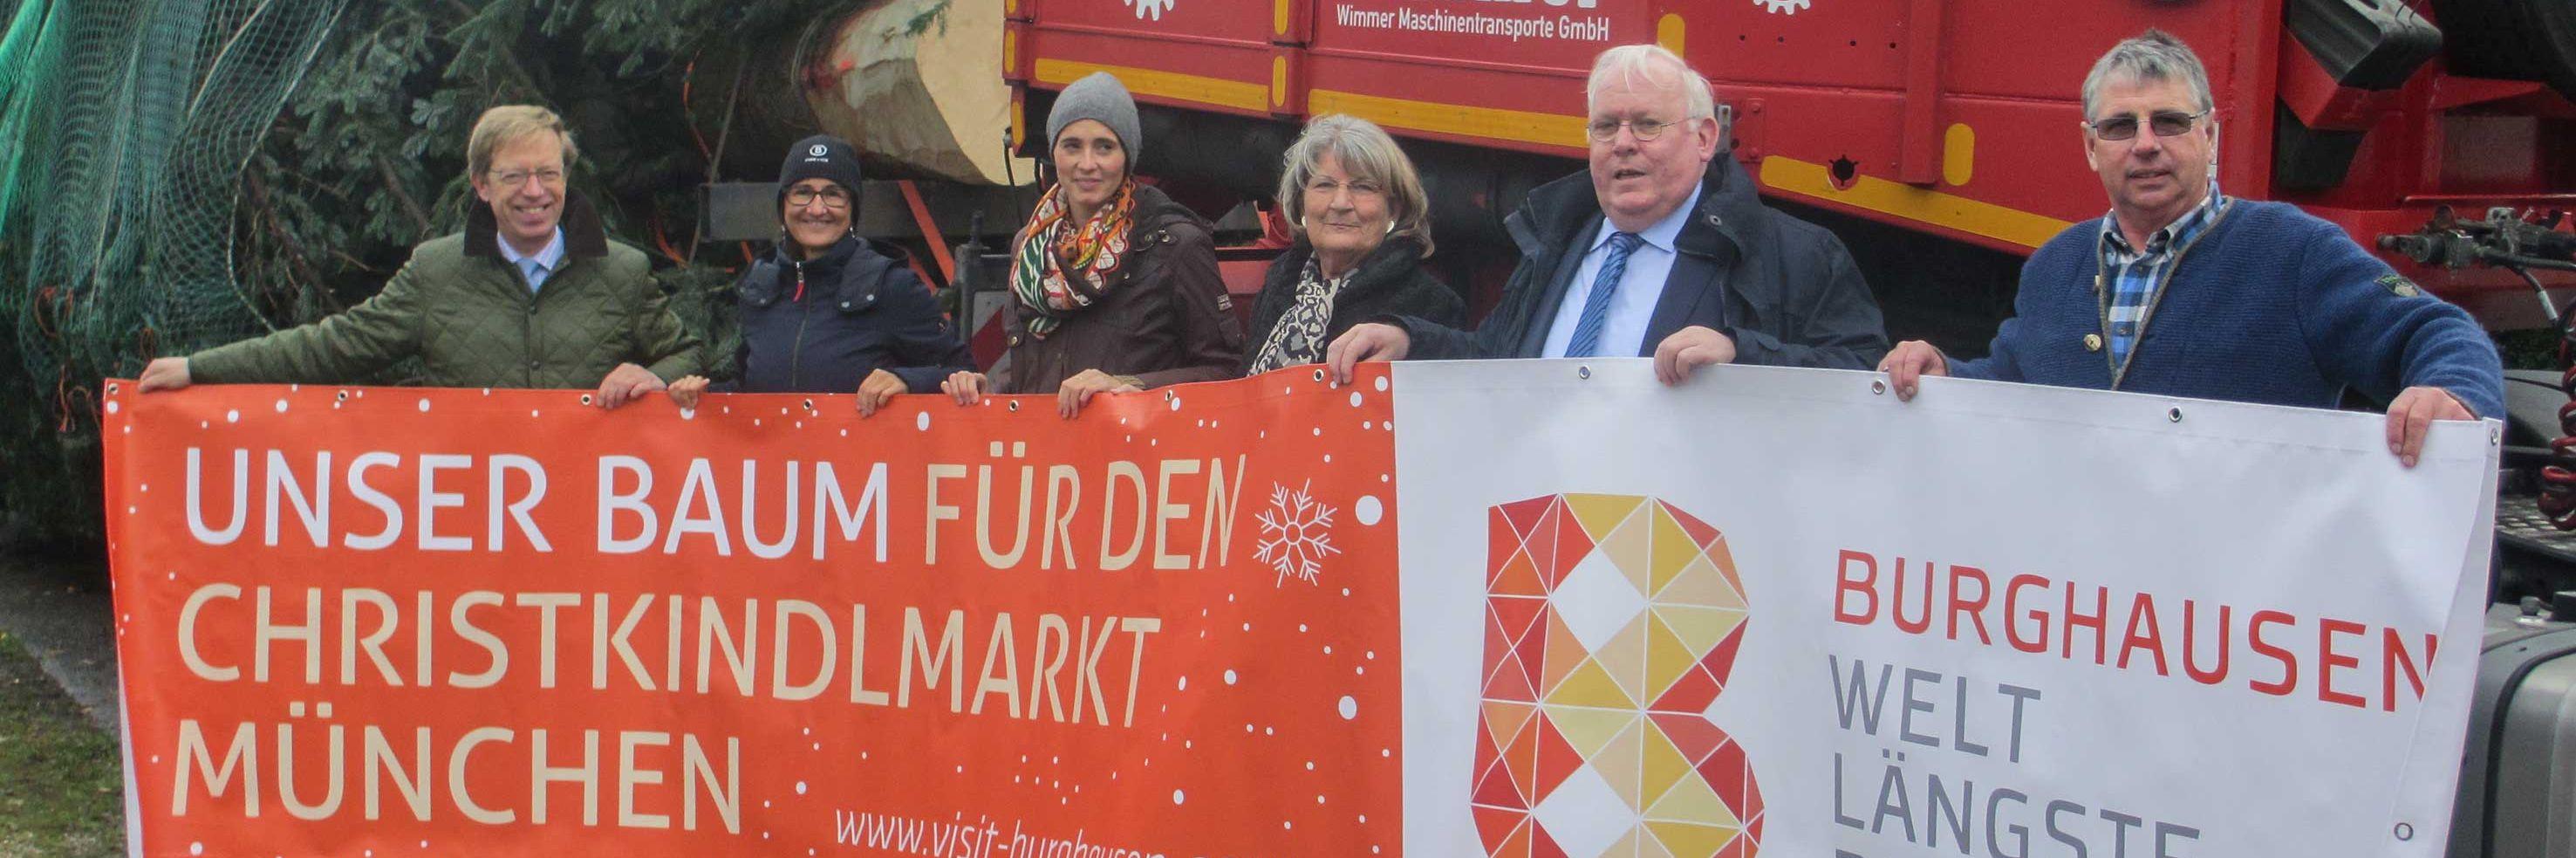 Sondertransport für Münchener Christkindlmarkt Slider